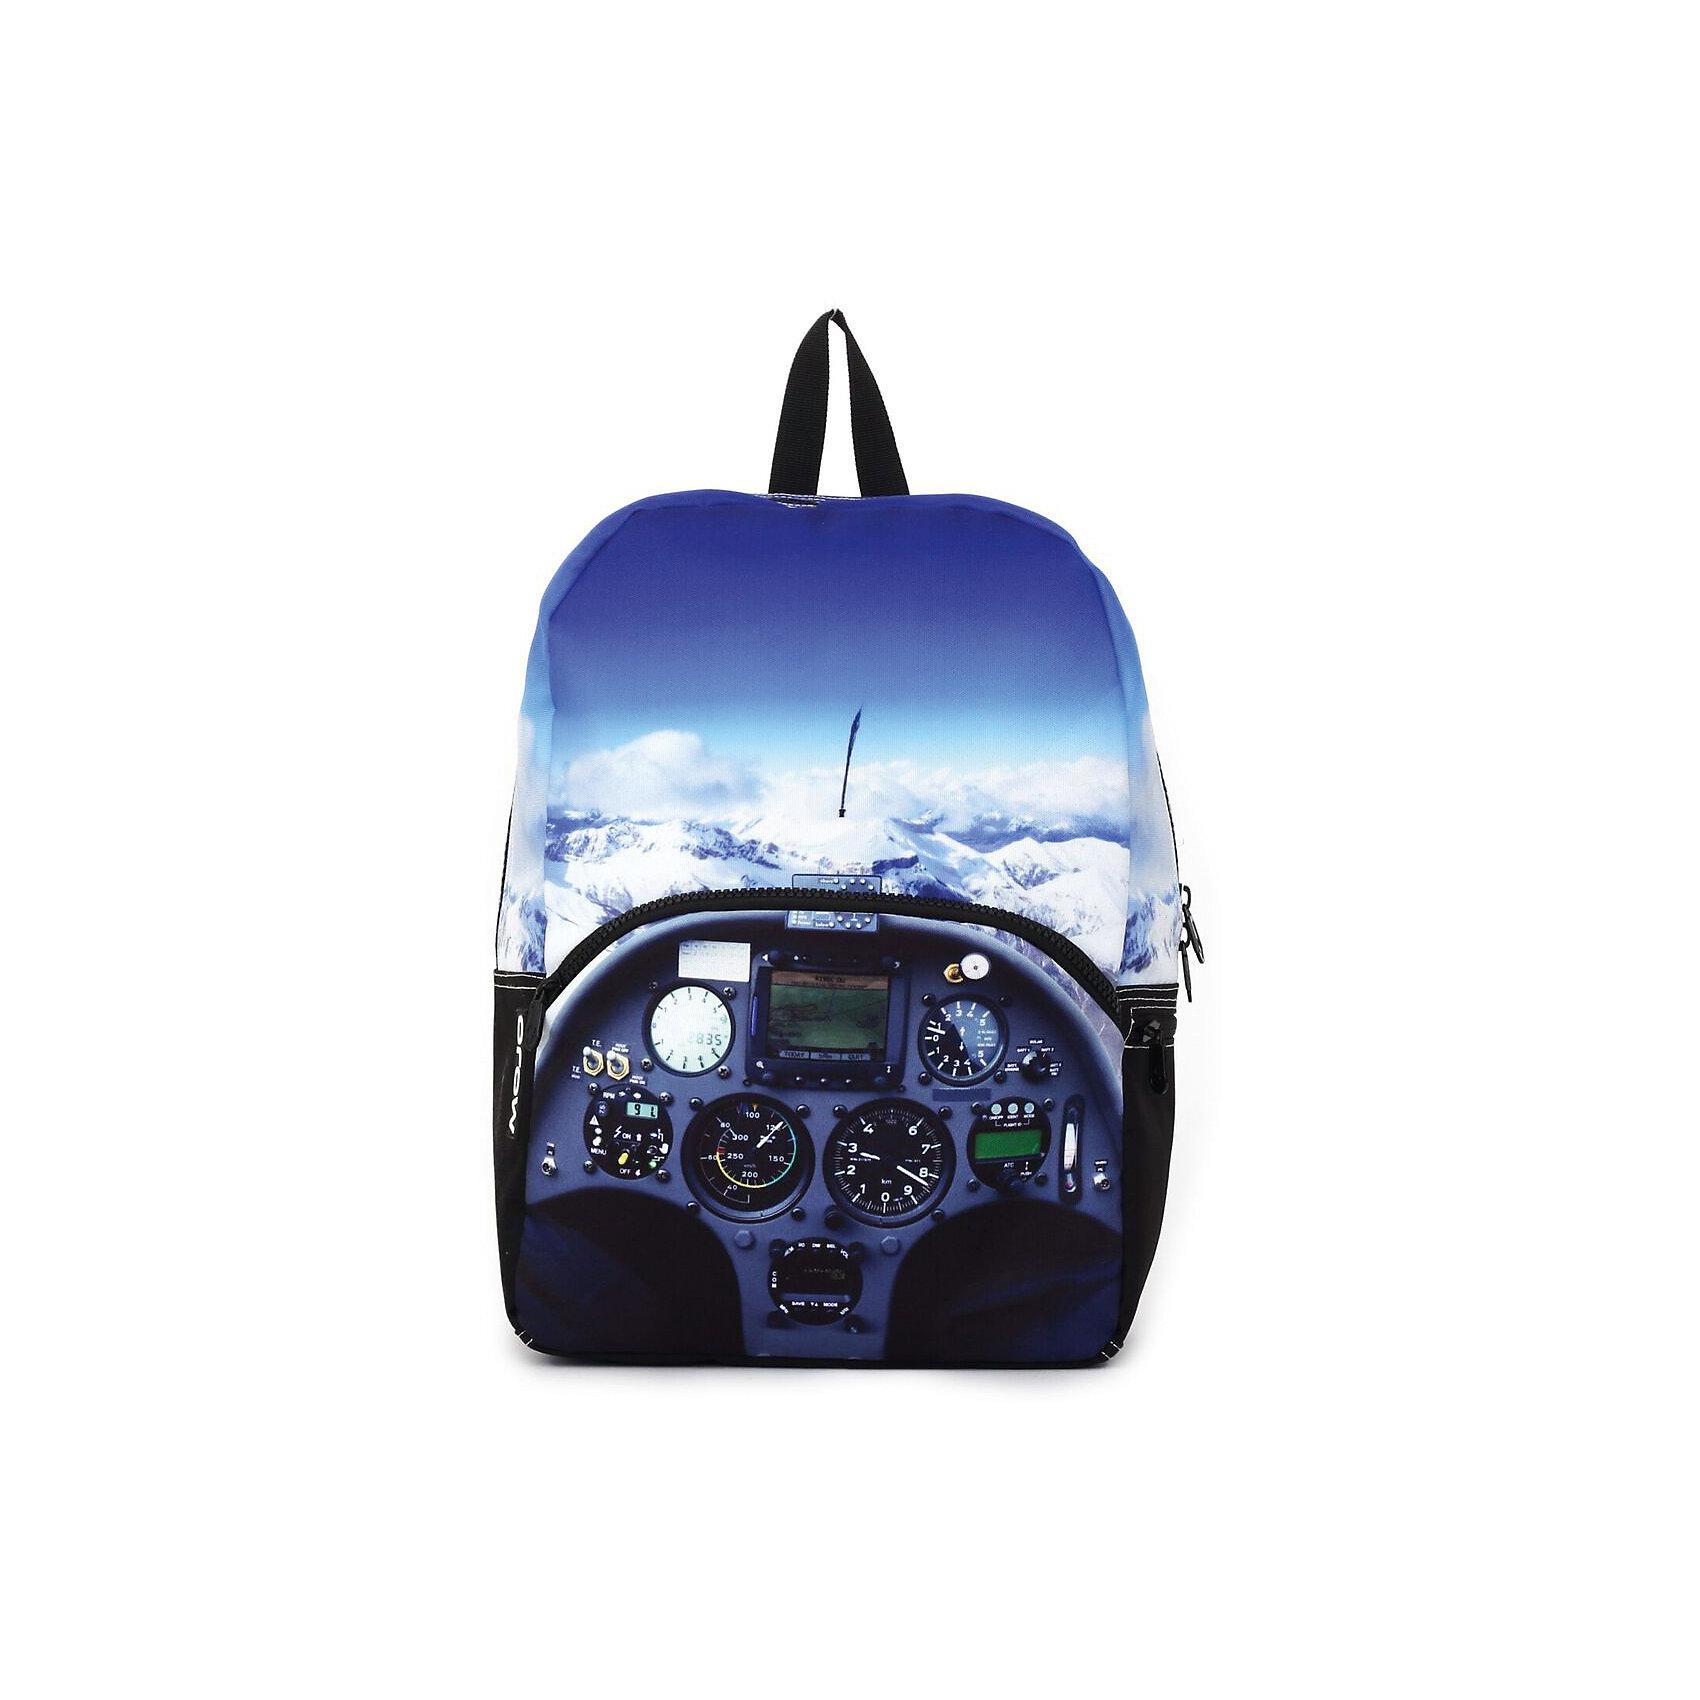 Рюкзак Cockpit, цвет (черный/мульти)Рюкзаки<br>Вес: 0,5 кг<br>Размер: 43х30х16 см<br>Состав: рюкзак<br>Наличие светоотражающих элементов: нет<br>Материал: полиэстер<br><br>Ширина мм: 430<br>Глубина мм: 300<br>Высота мм: 160<br>Вес г: 500<br>Возраст от месяцев: 120<br>Возраст до месяцев: 720<br>Пол: Унисекс<br>Возраст: Детский<br>SKU: 7054145